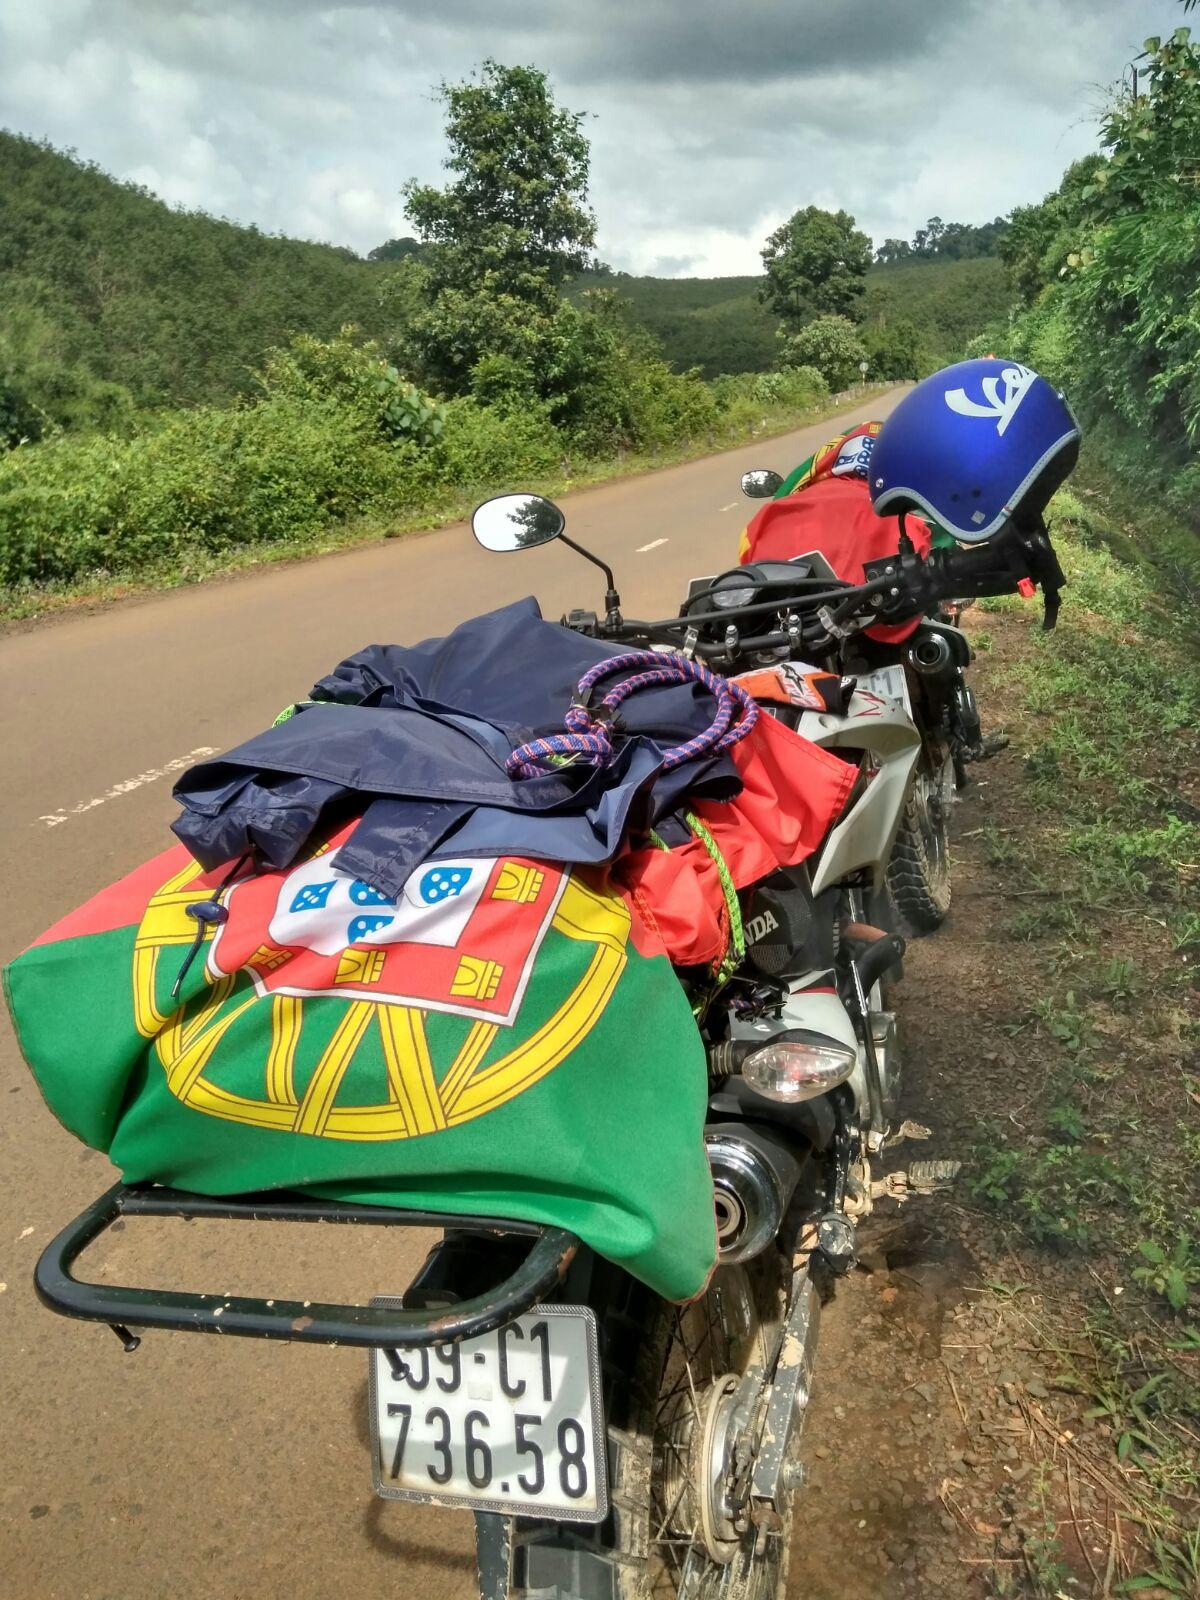 motos alinhadas